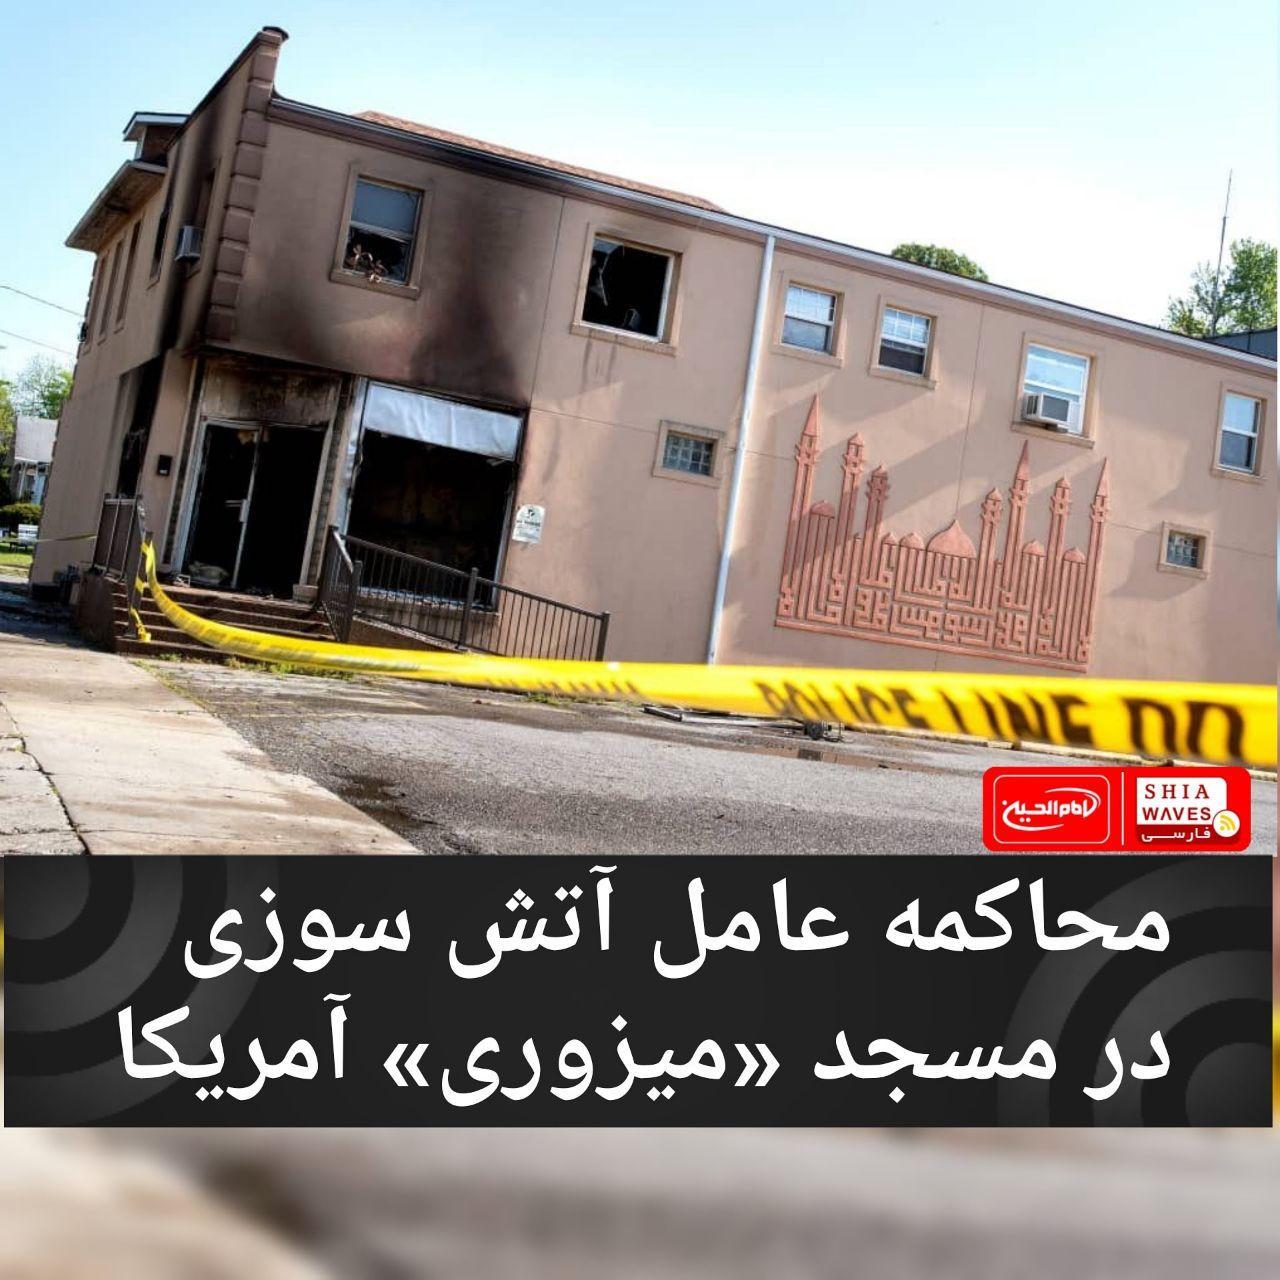 تصویر محاکمه عامل آتش سوزی در مسجد «میزوری» آمریکا